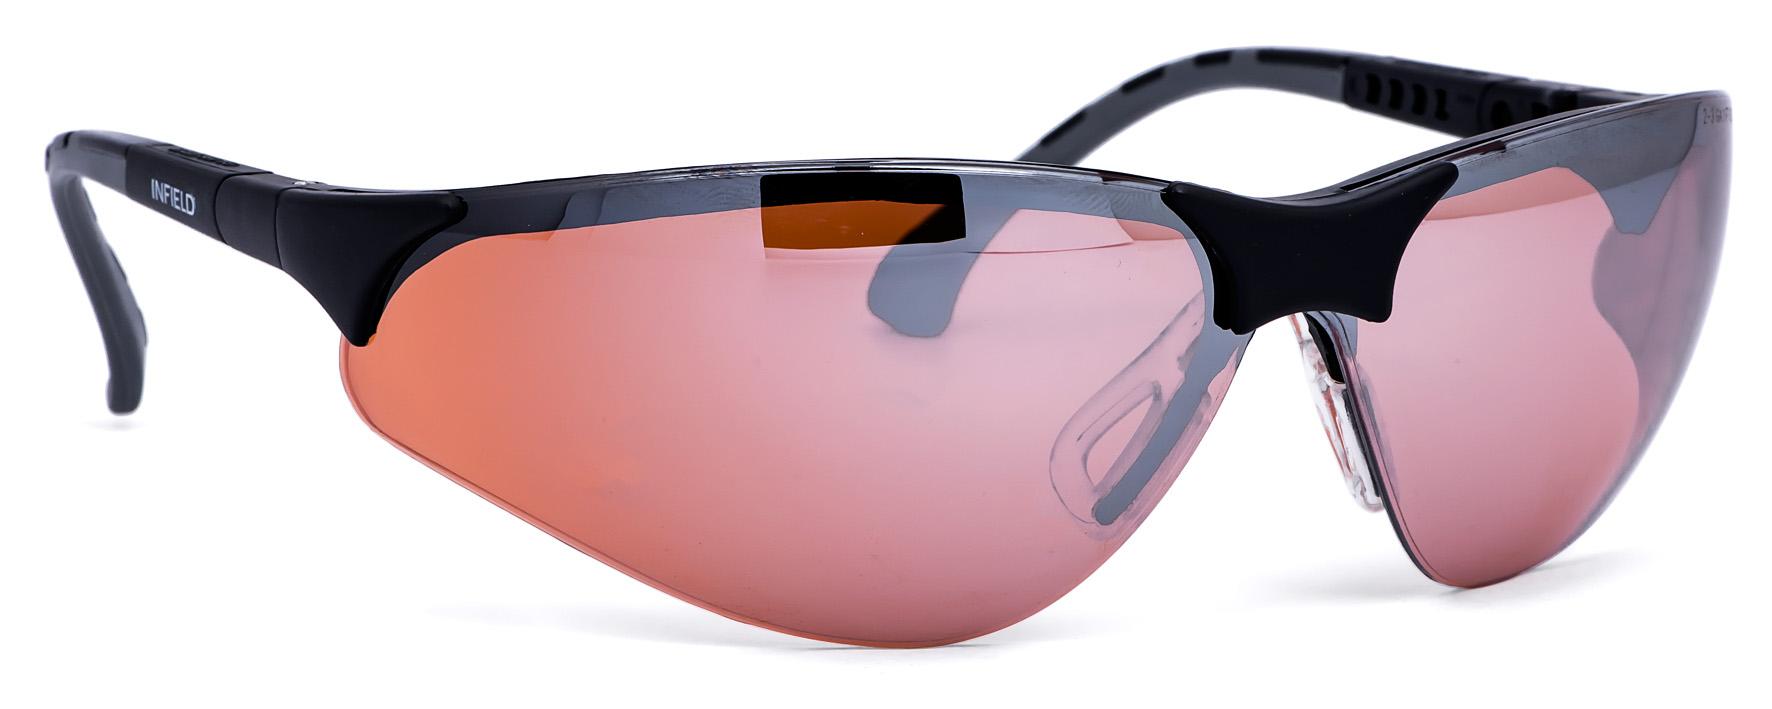 Infield Terminator Uv-400 Schutzbrille Orange Uv Und Blaulicht Schutz Glasses Sicherheit & Gebäudeinstandhaltung Kleidung & Accessoires